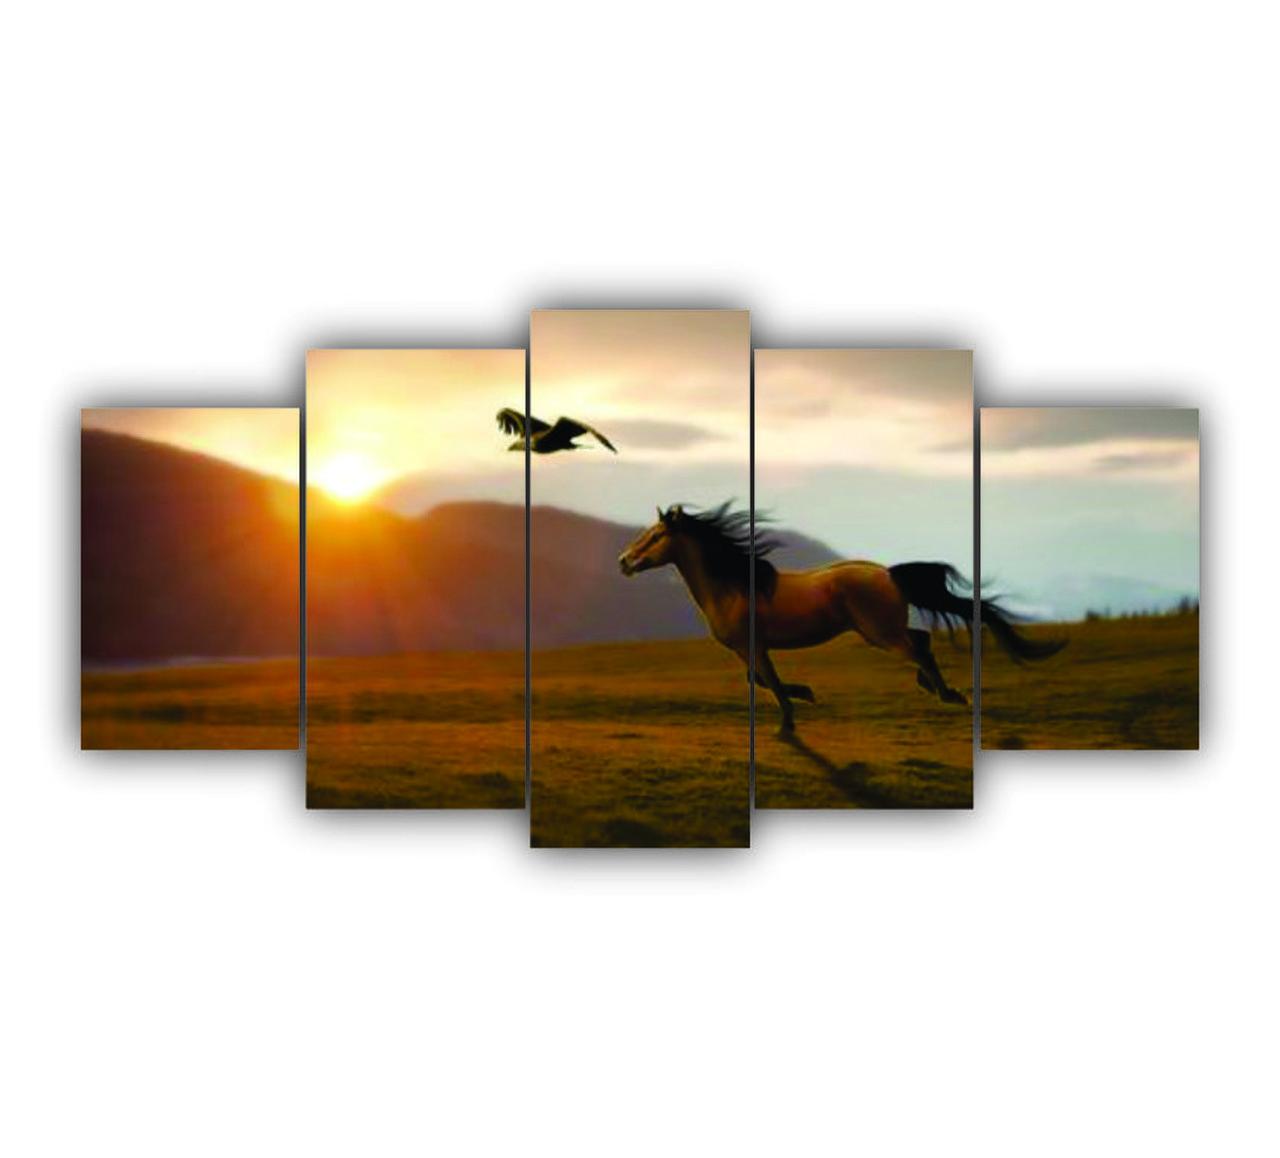 Quadro Decorativo Cavalo Paisagem Campo Liberdade - 5 Telas